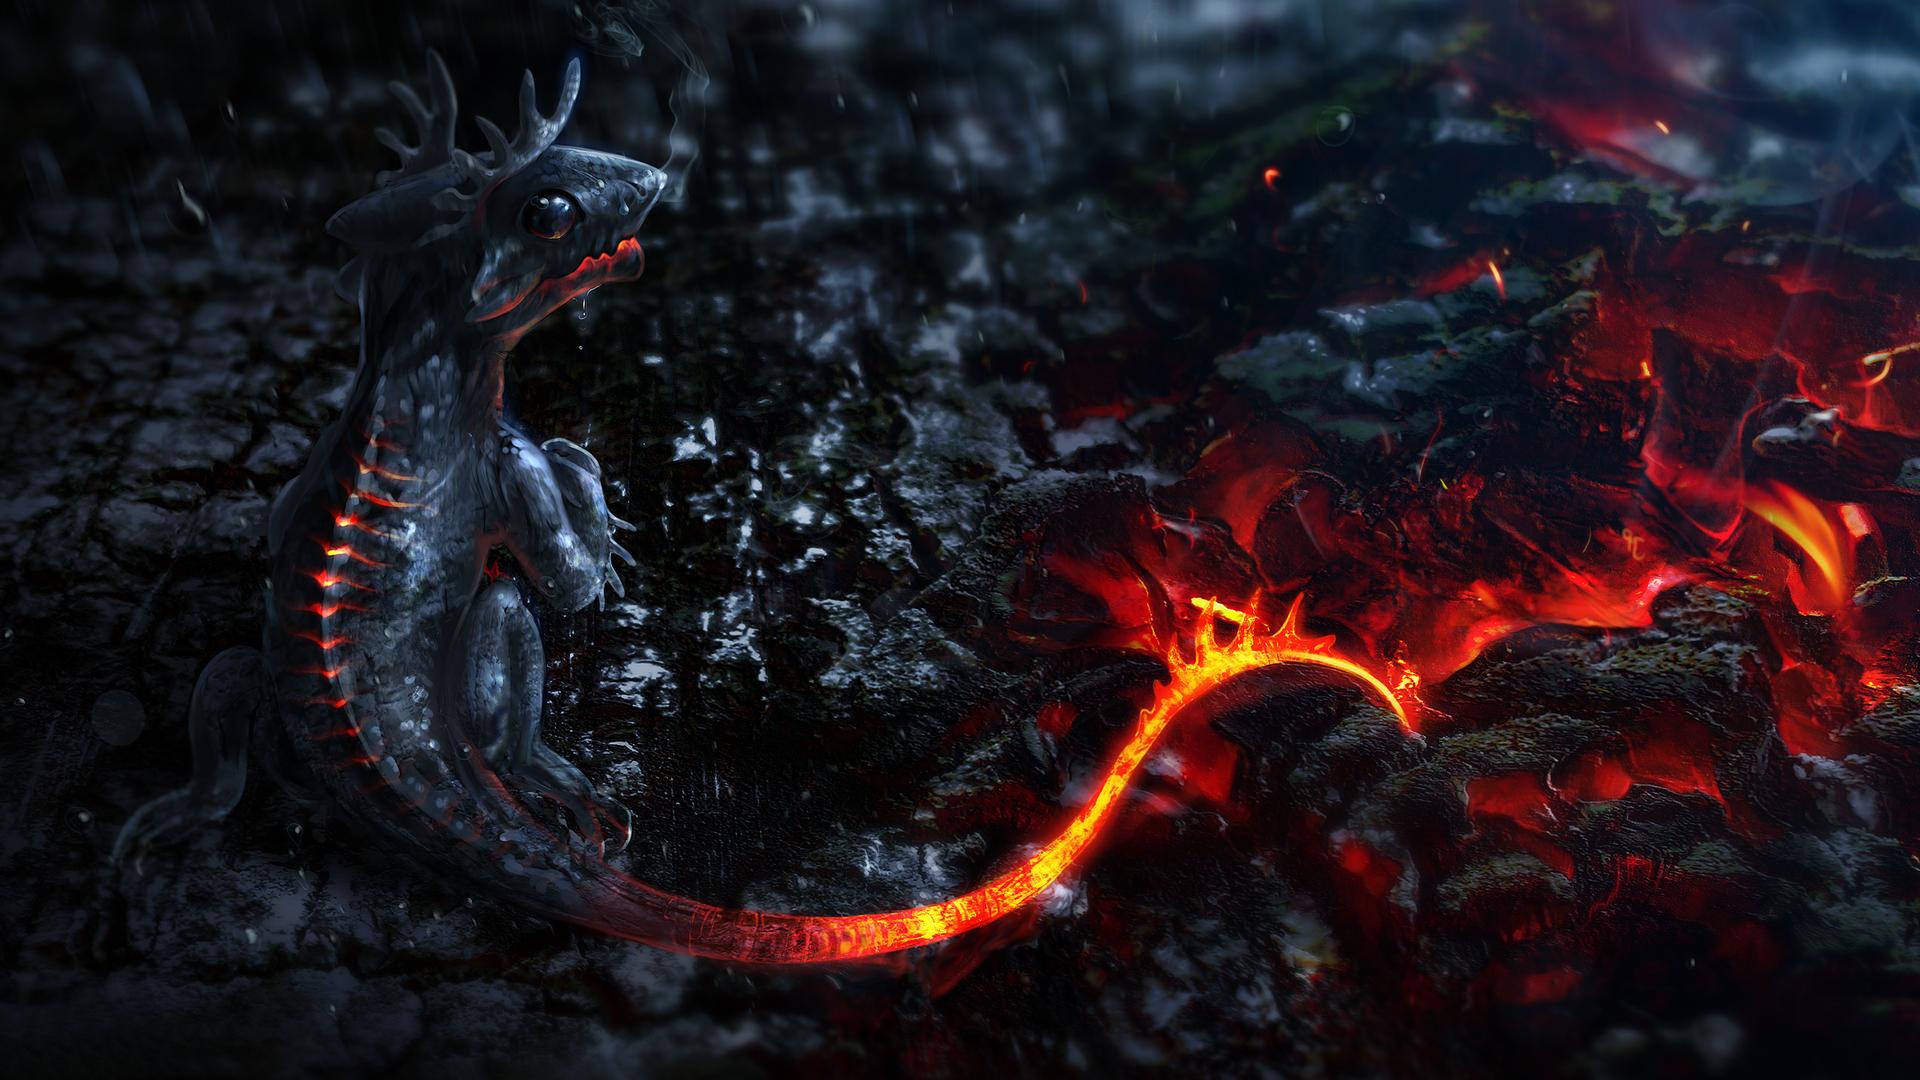 dragon-desktop-wallpaper_063723250_21 (1920×1080) | dragons